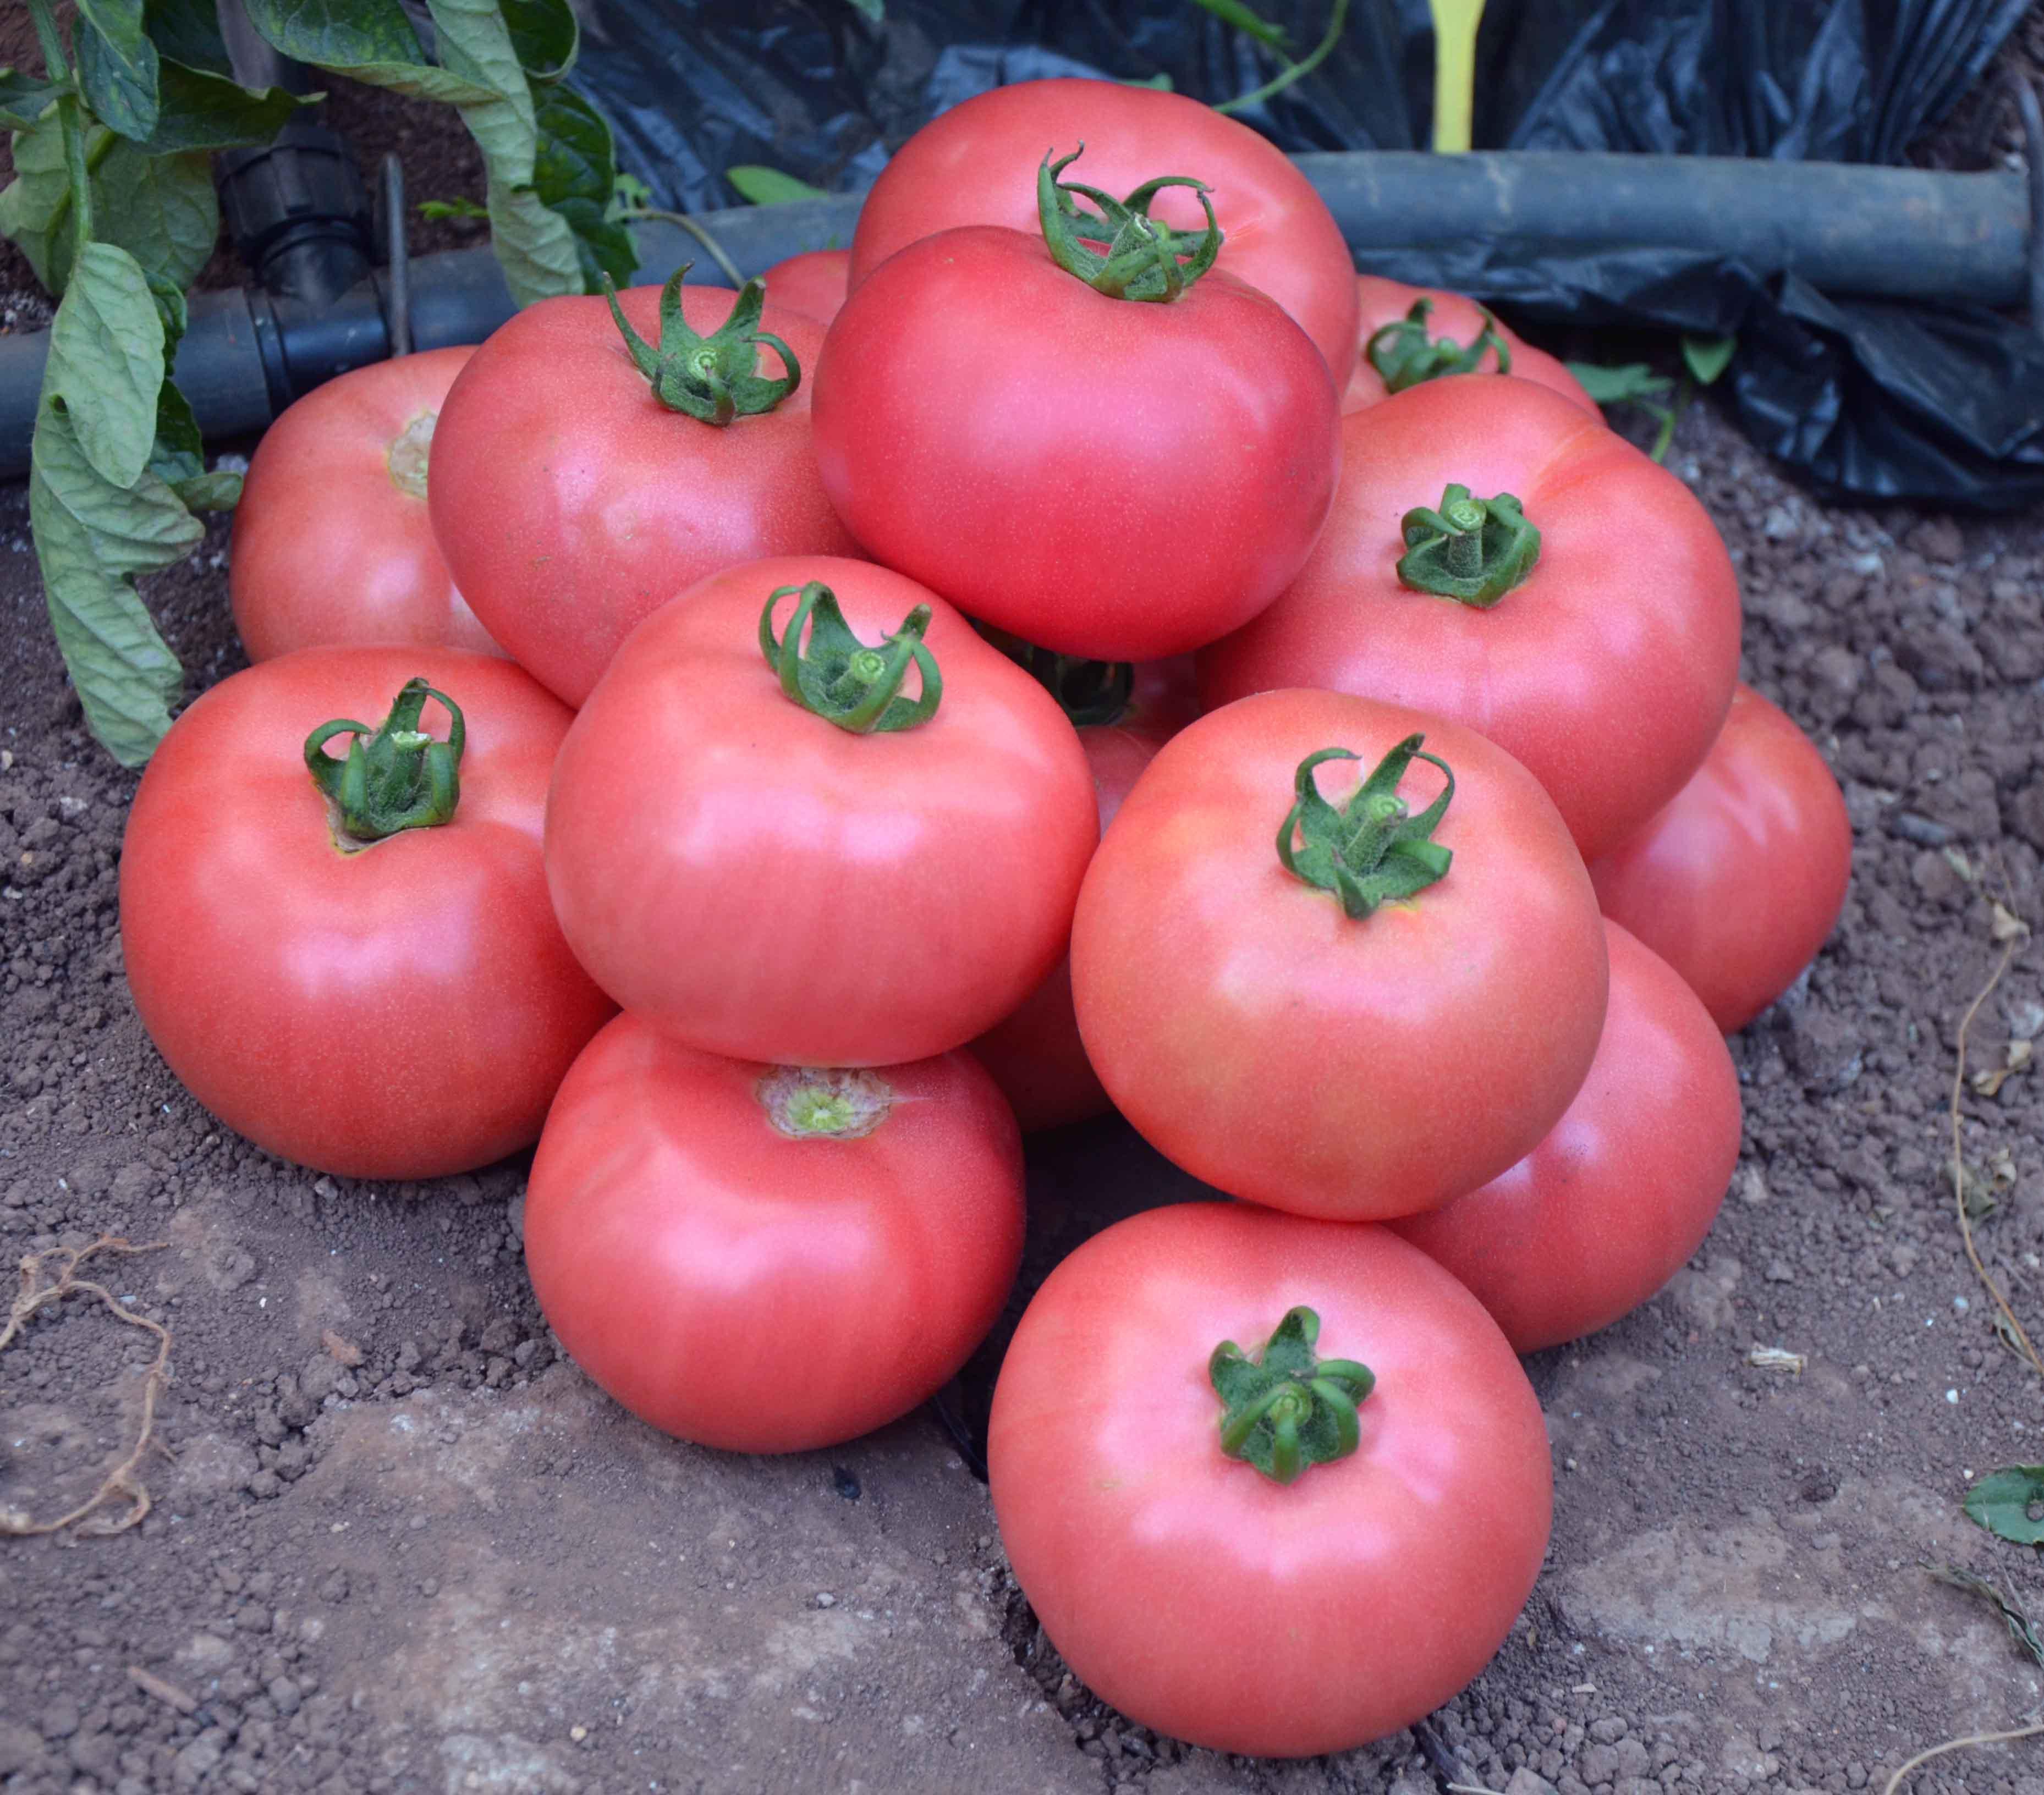 Сорт с интересным внешним видом — томат инжир желтый: подробное описание помидоров